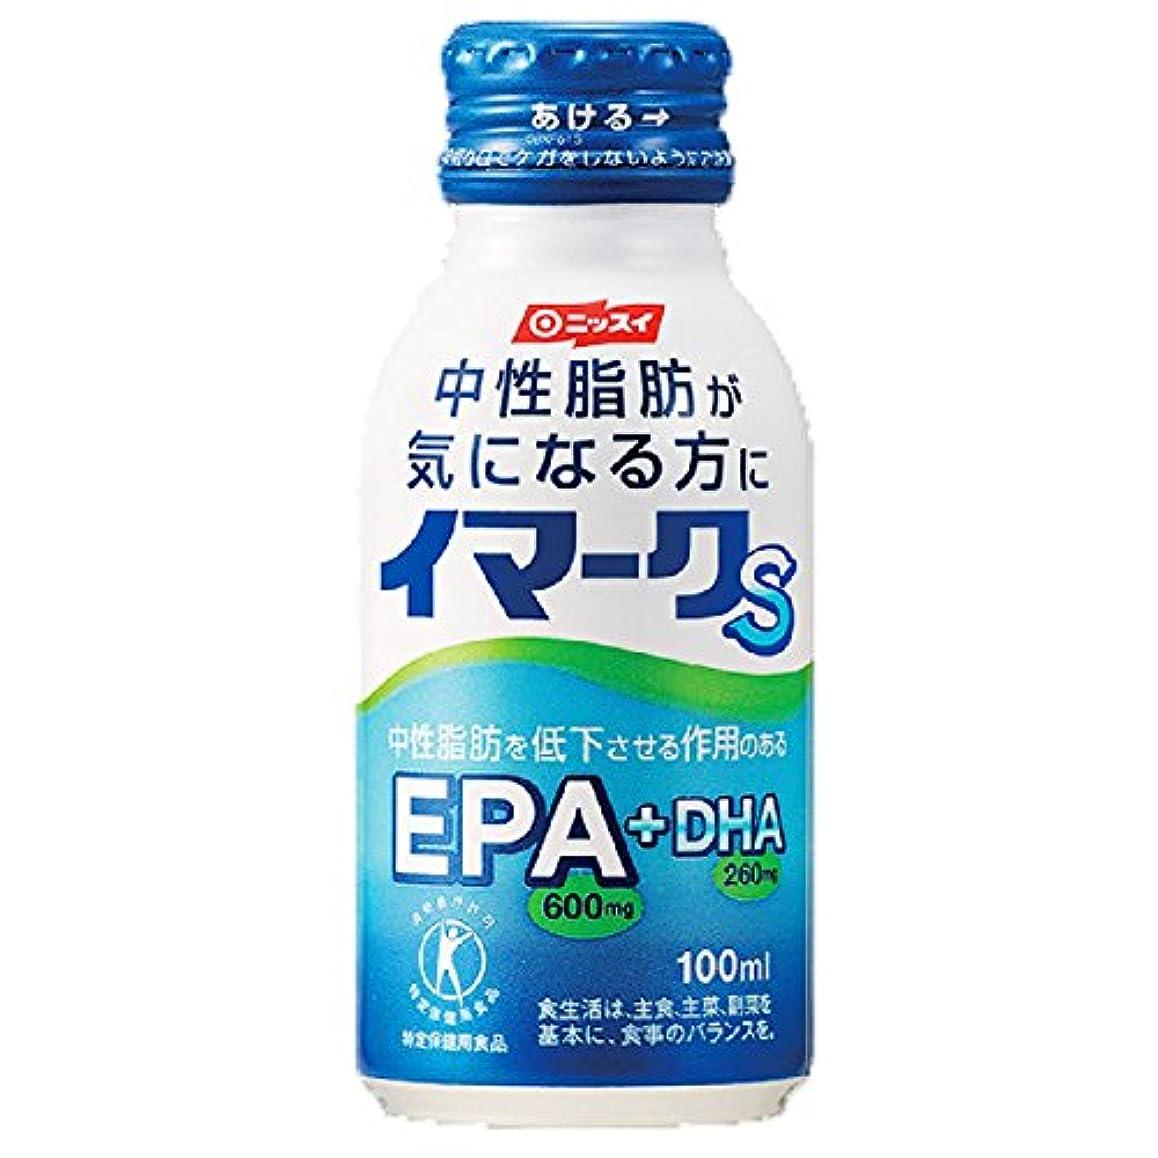 抹消容器バリケードニッスイ イマークS 20本 【特定保健用食品】